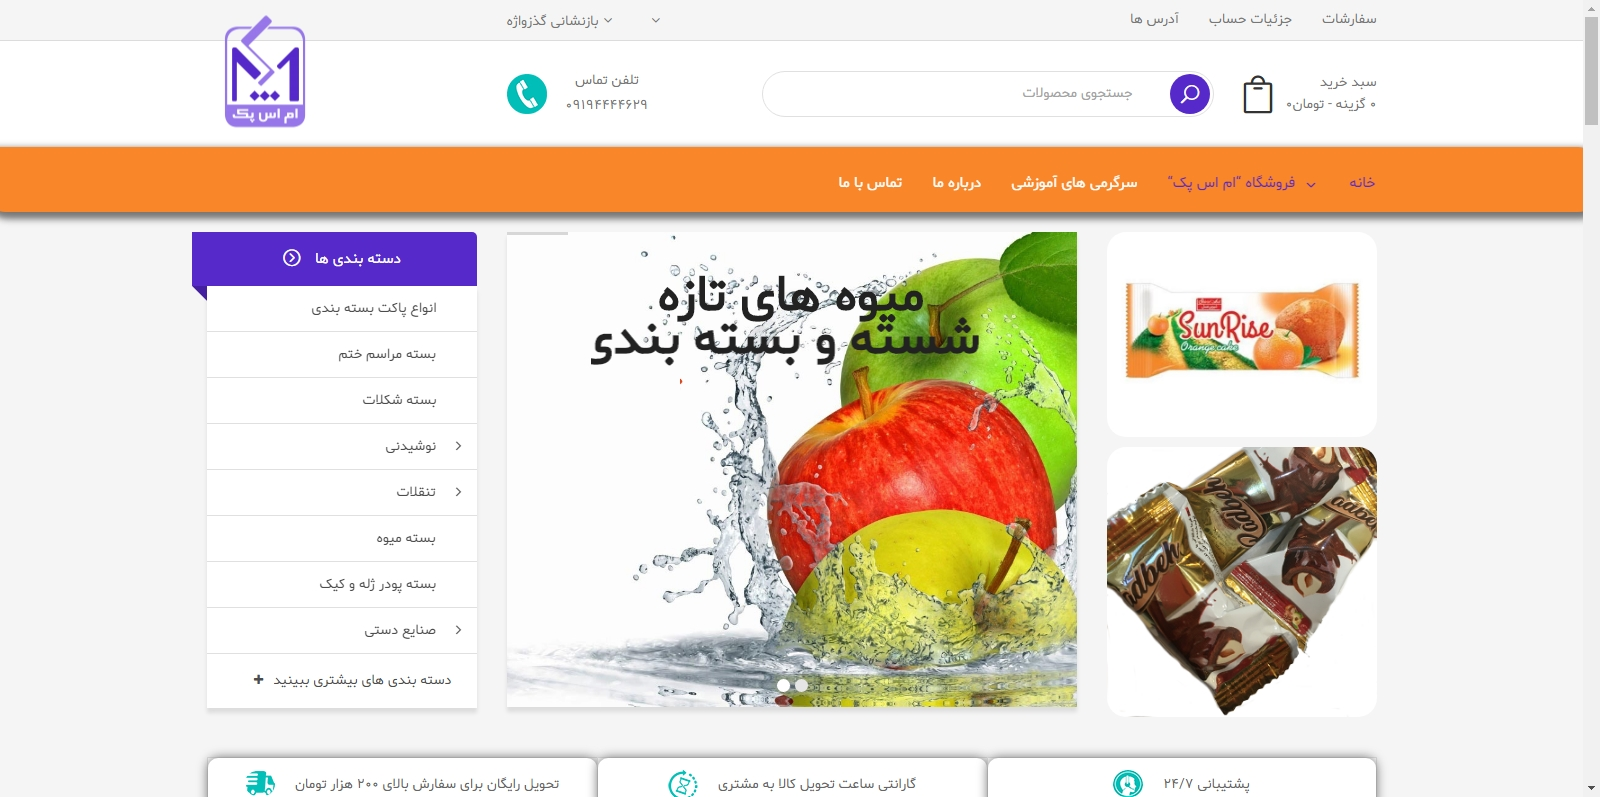 screenshot 20200526 001239 - mspack.shop